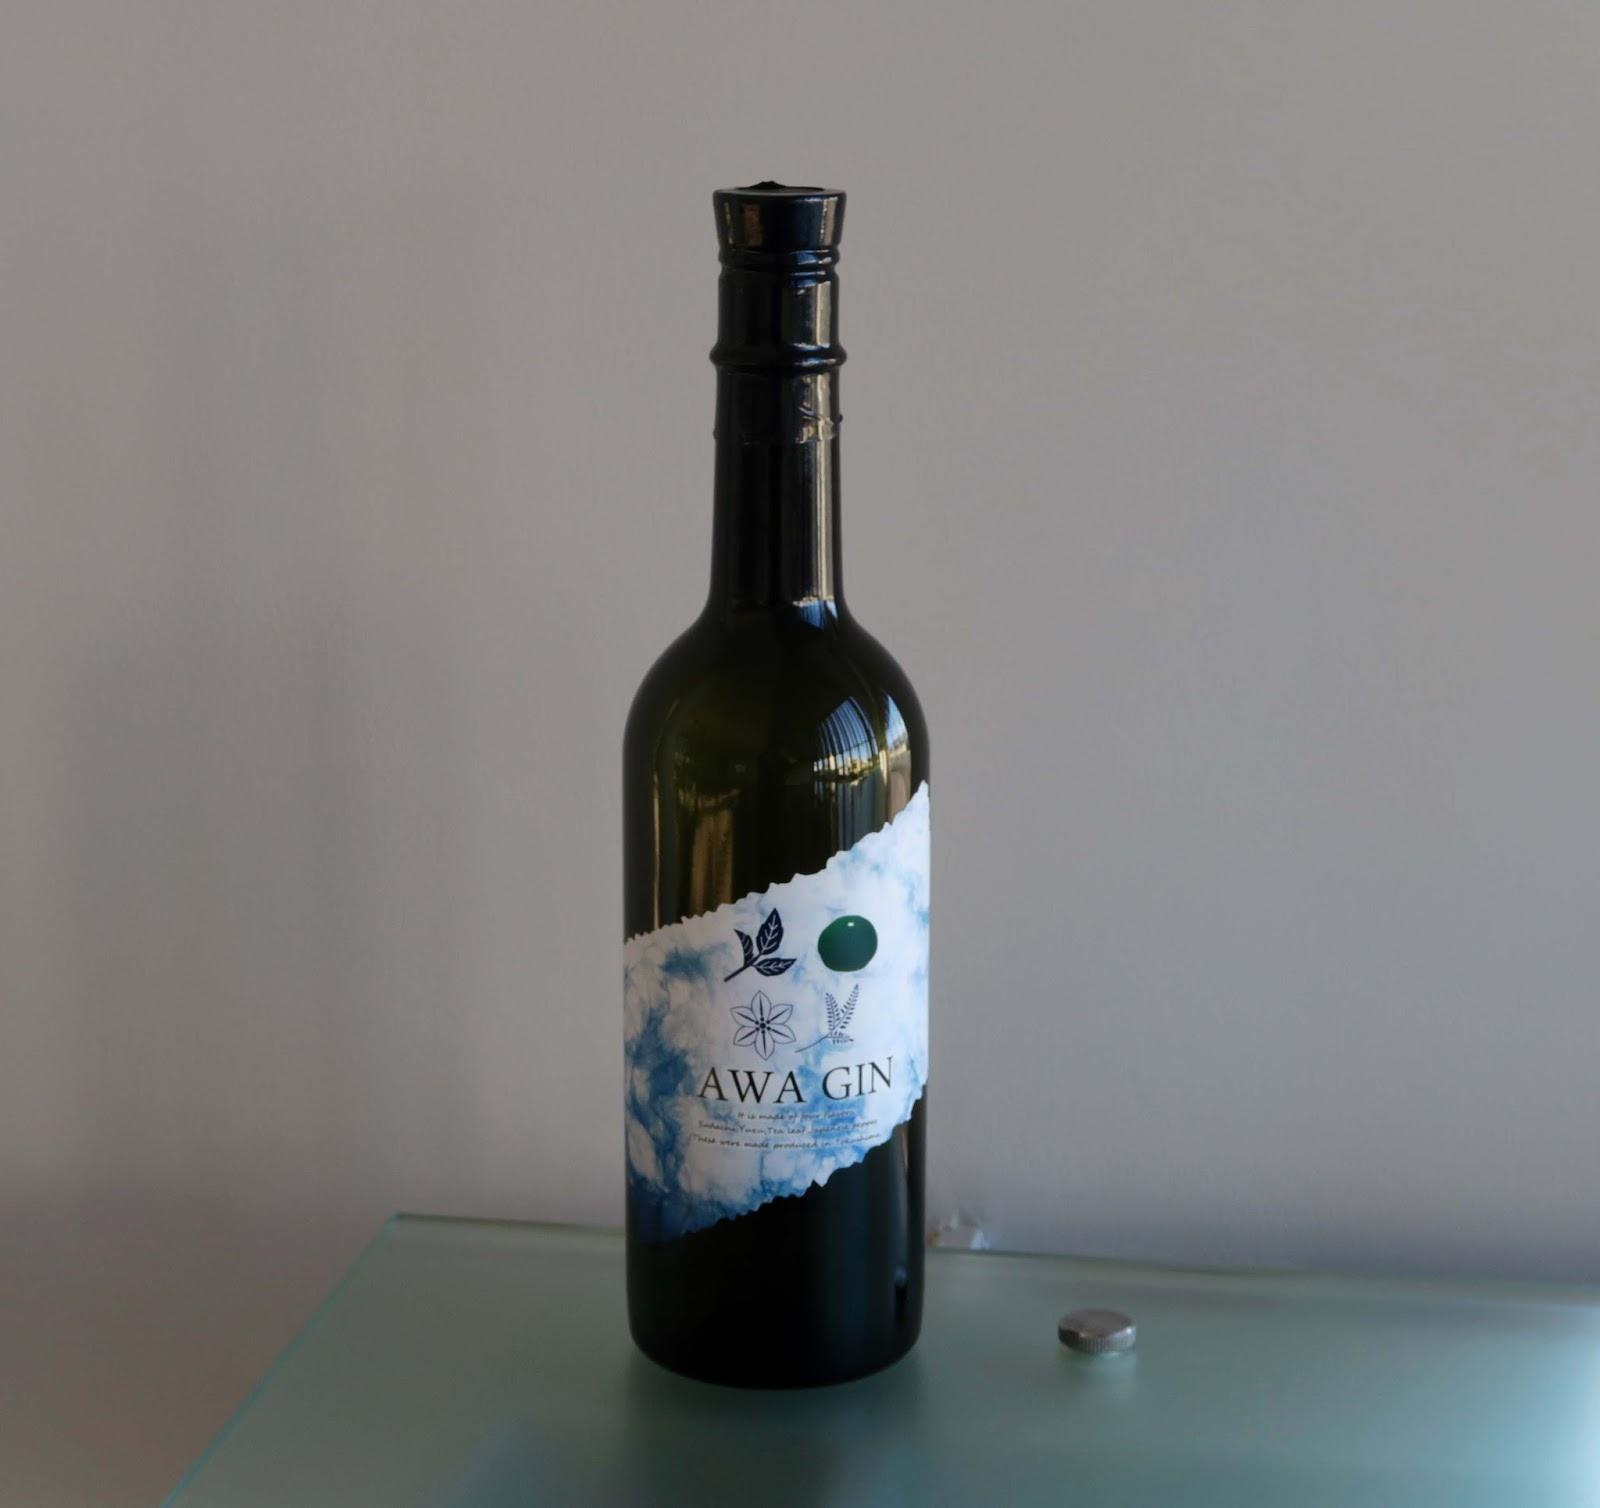 AWA GIN is Shikoku's first Japanese gin